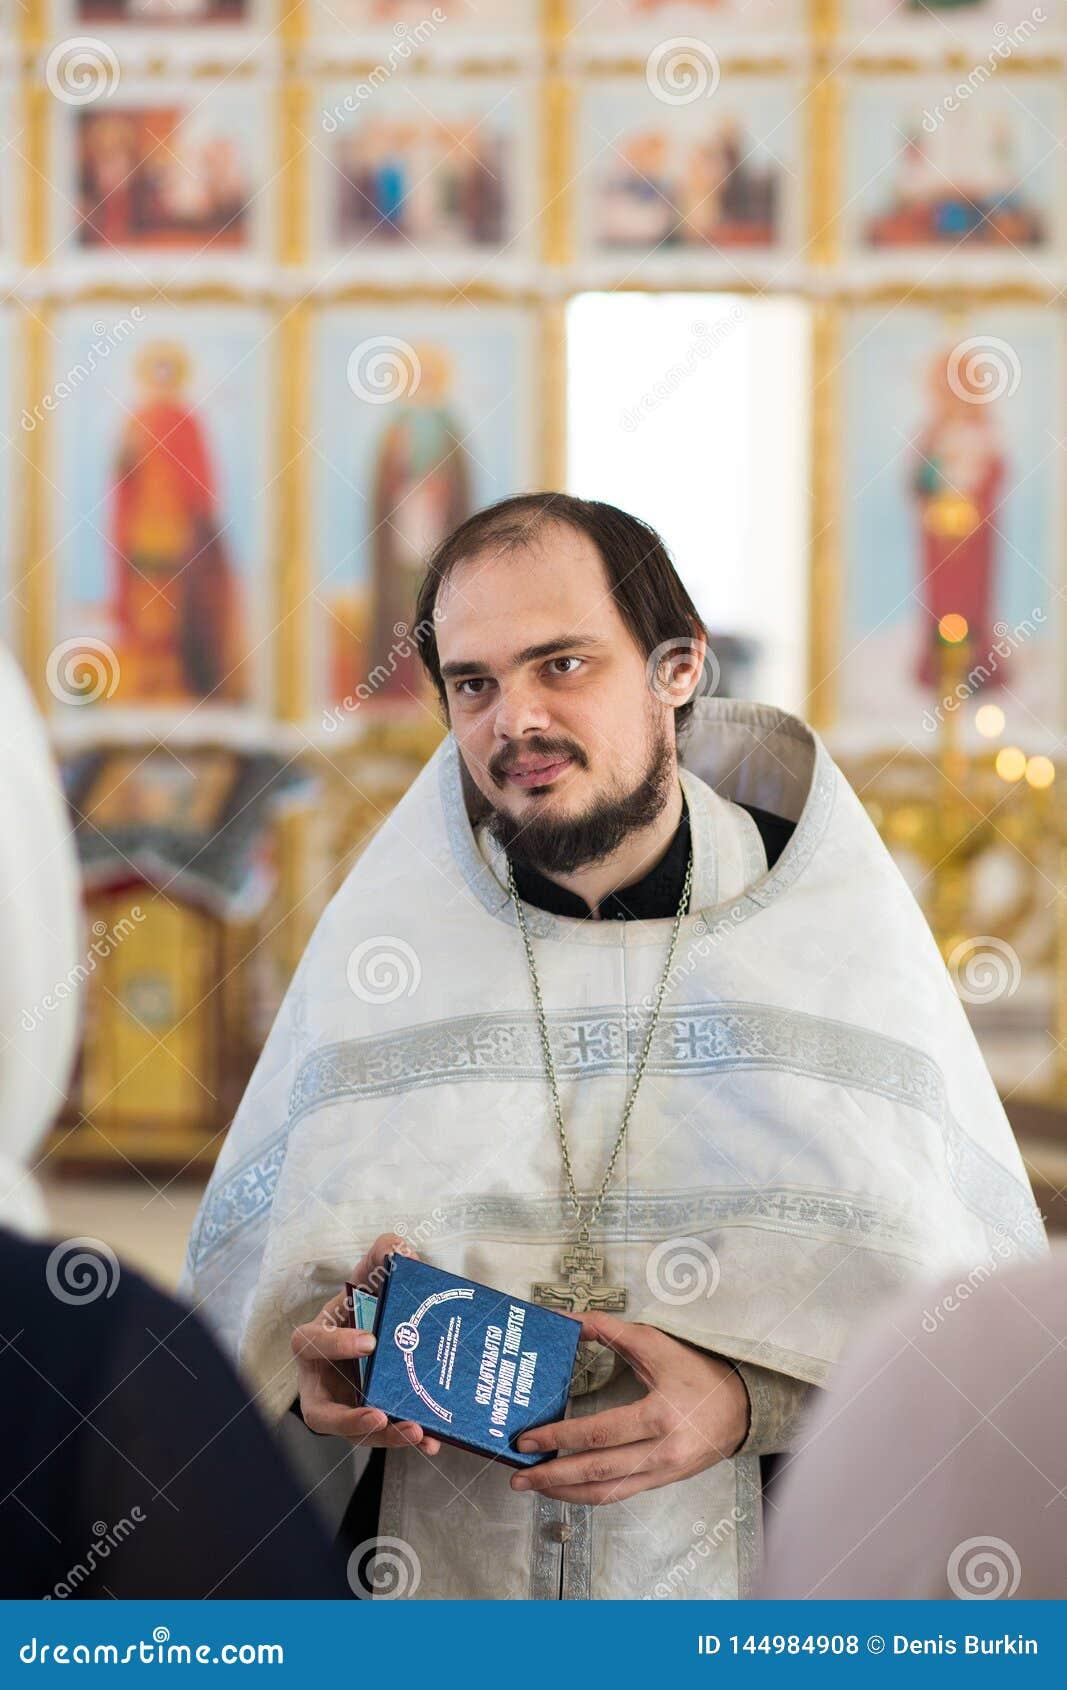 Orenburg, Federation-2 ruso Aprel 2019 Un sacerdote ortodoxo joven sostiene un certificado de bautismo en sus manos